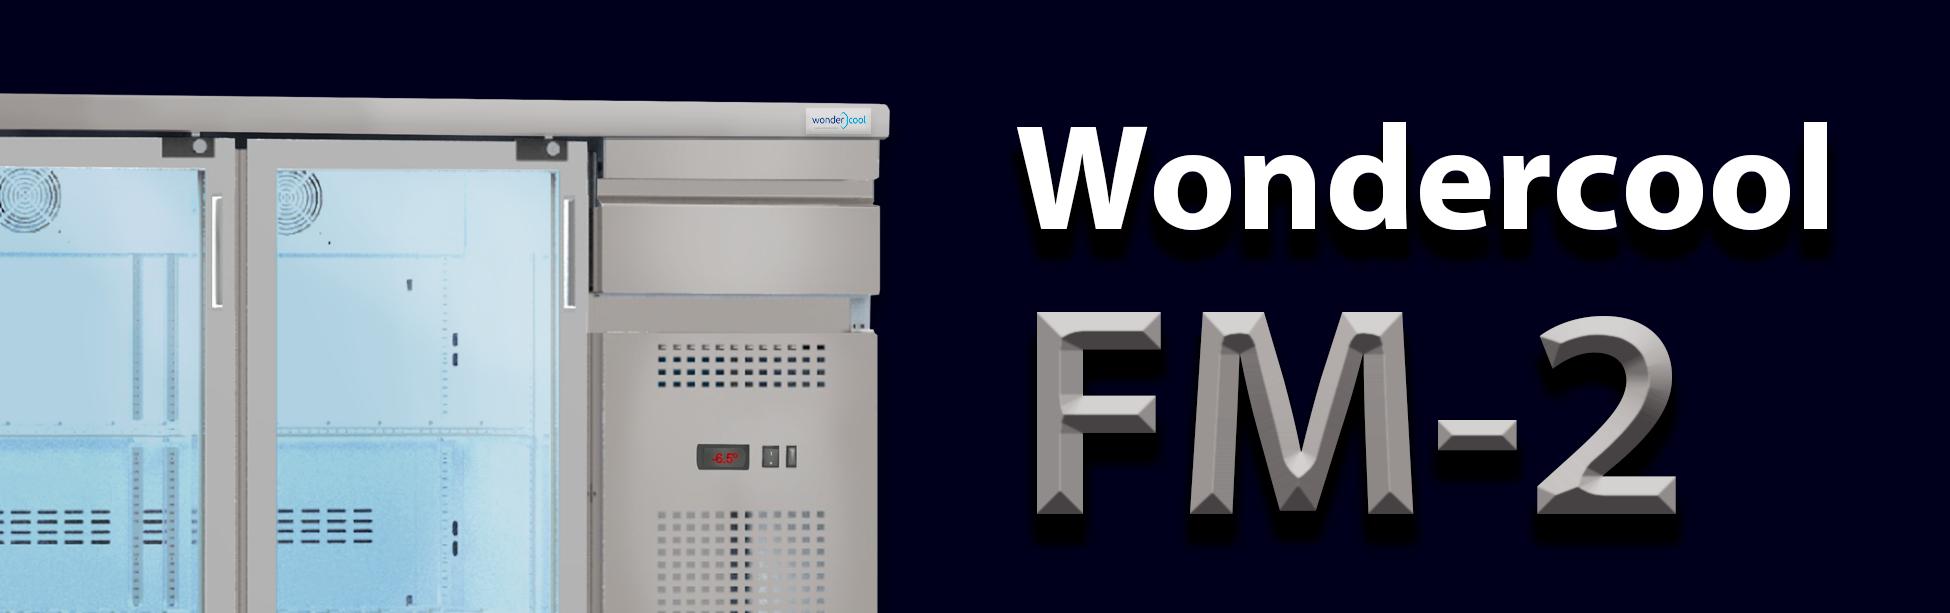 Wondercool presenta Wondercool FM-2, el primer superenfriador en formato bajobarra.